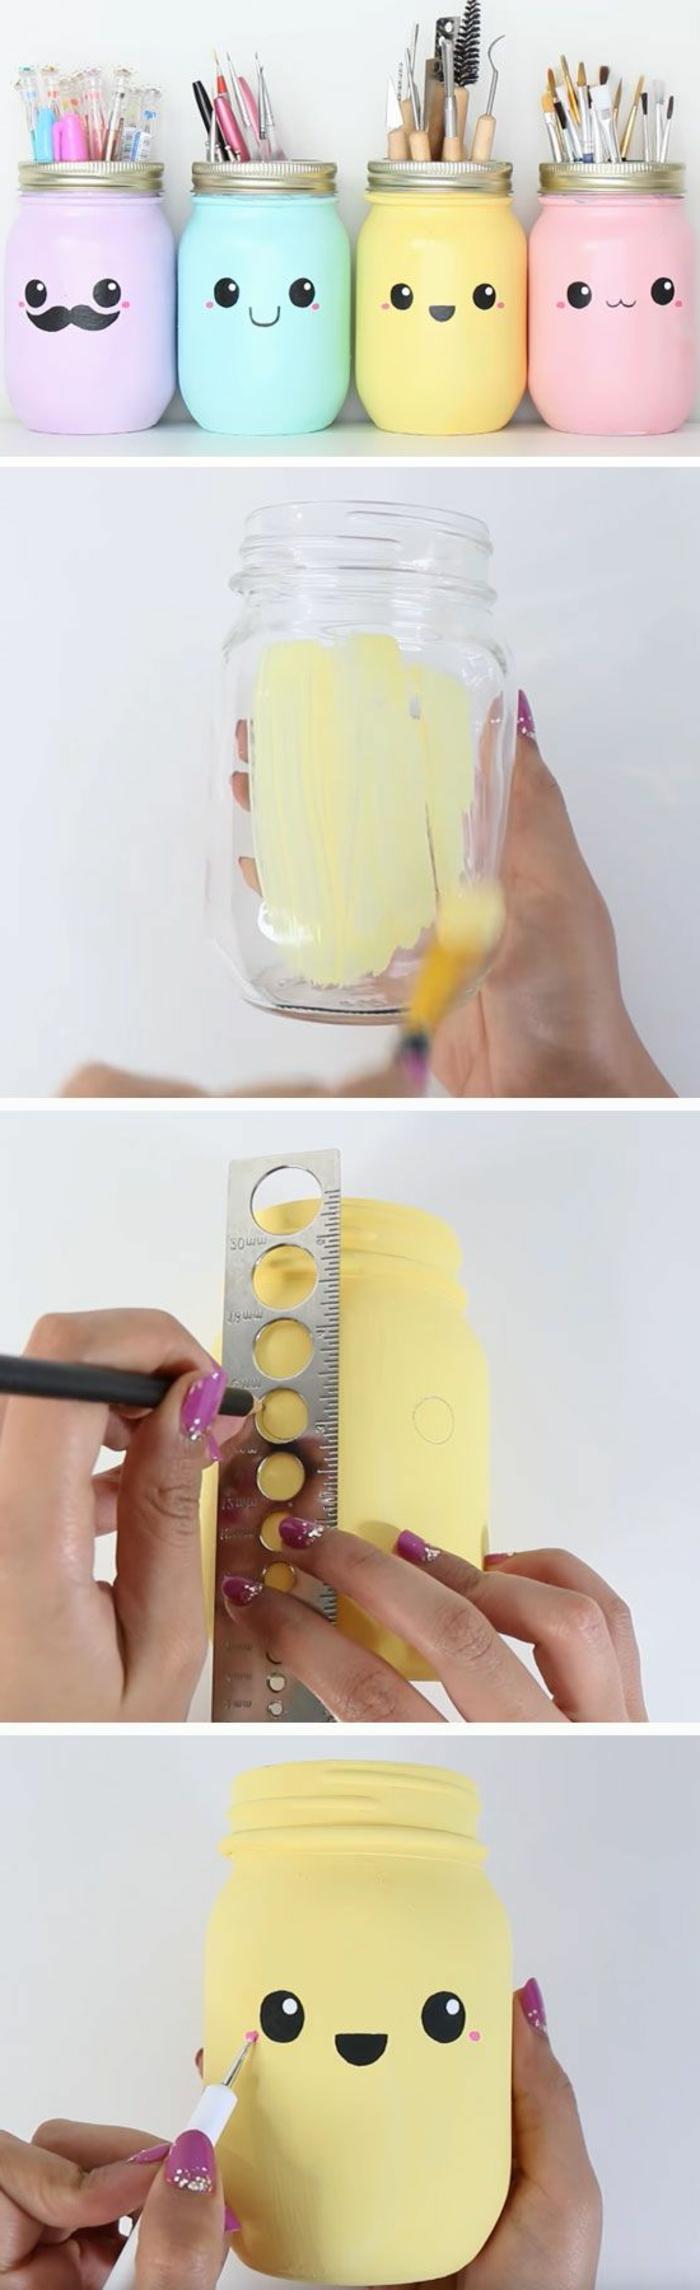 comment faire des pots crayons soi-même, modèle accessoire bureau étudiant DIY, idée activité manuelle enfant